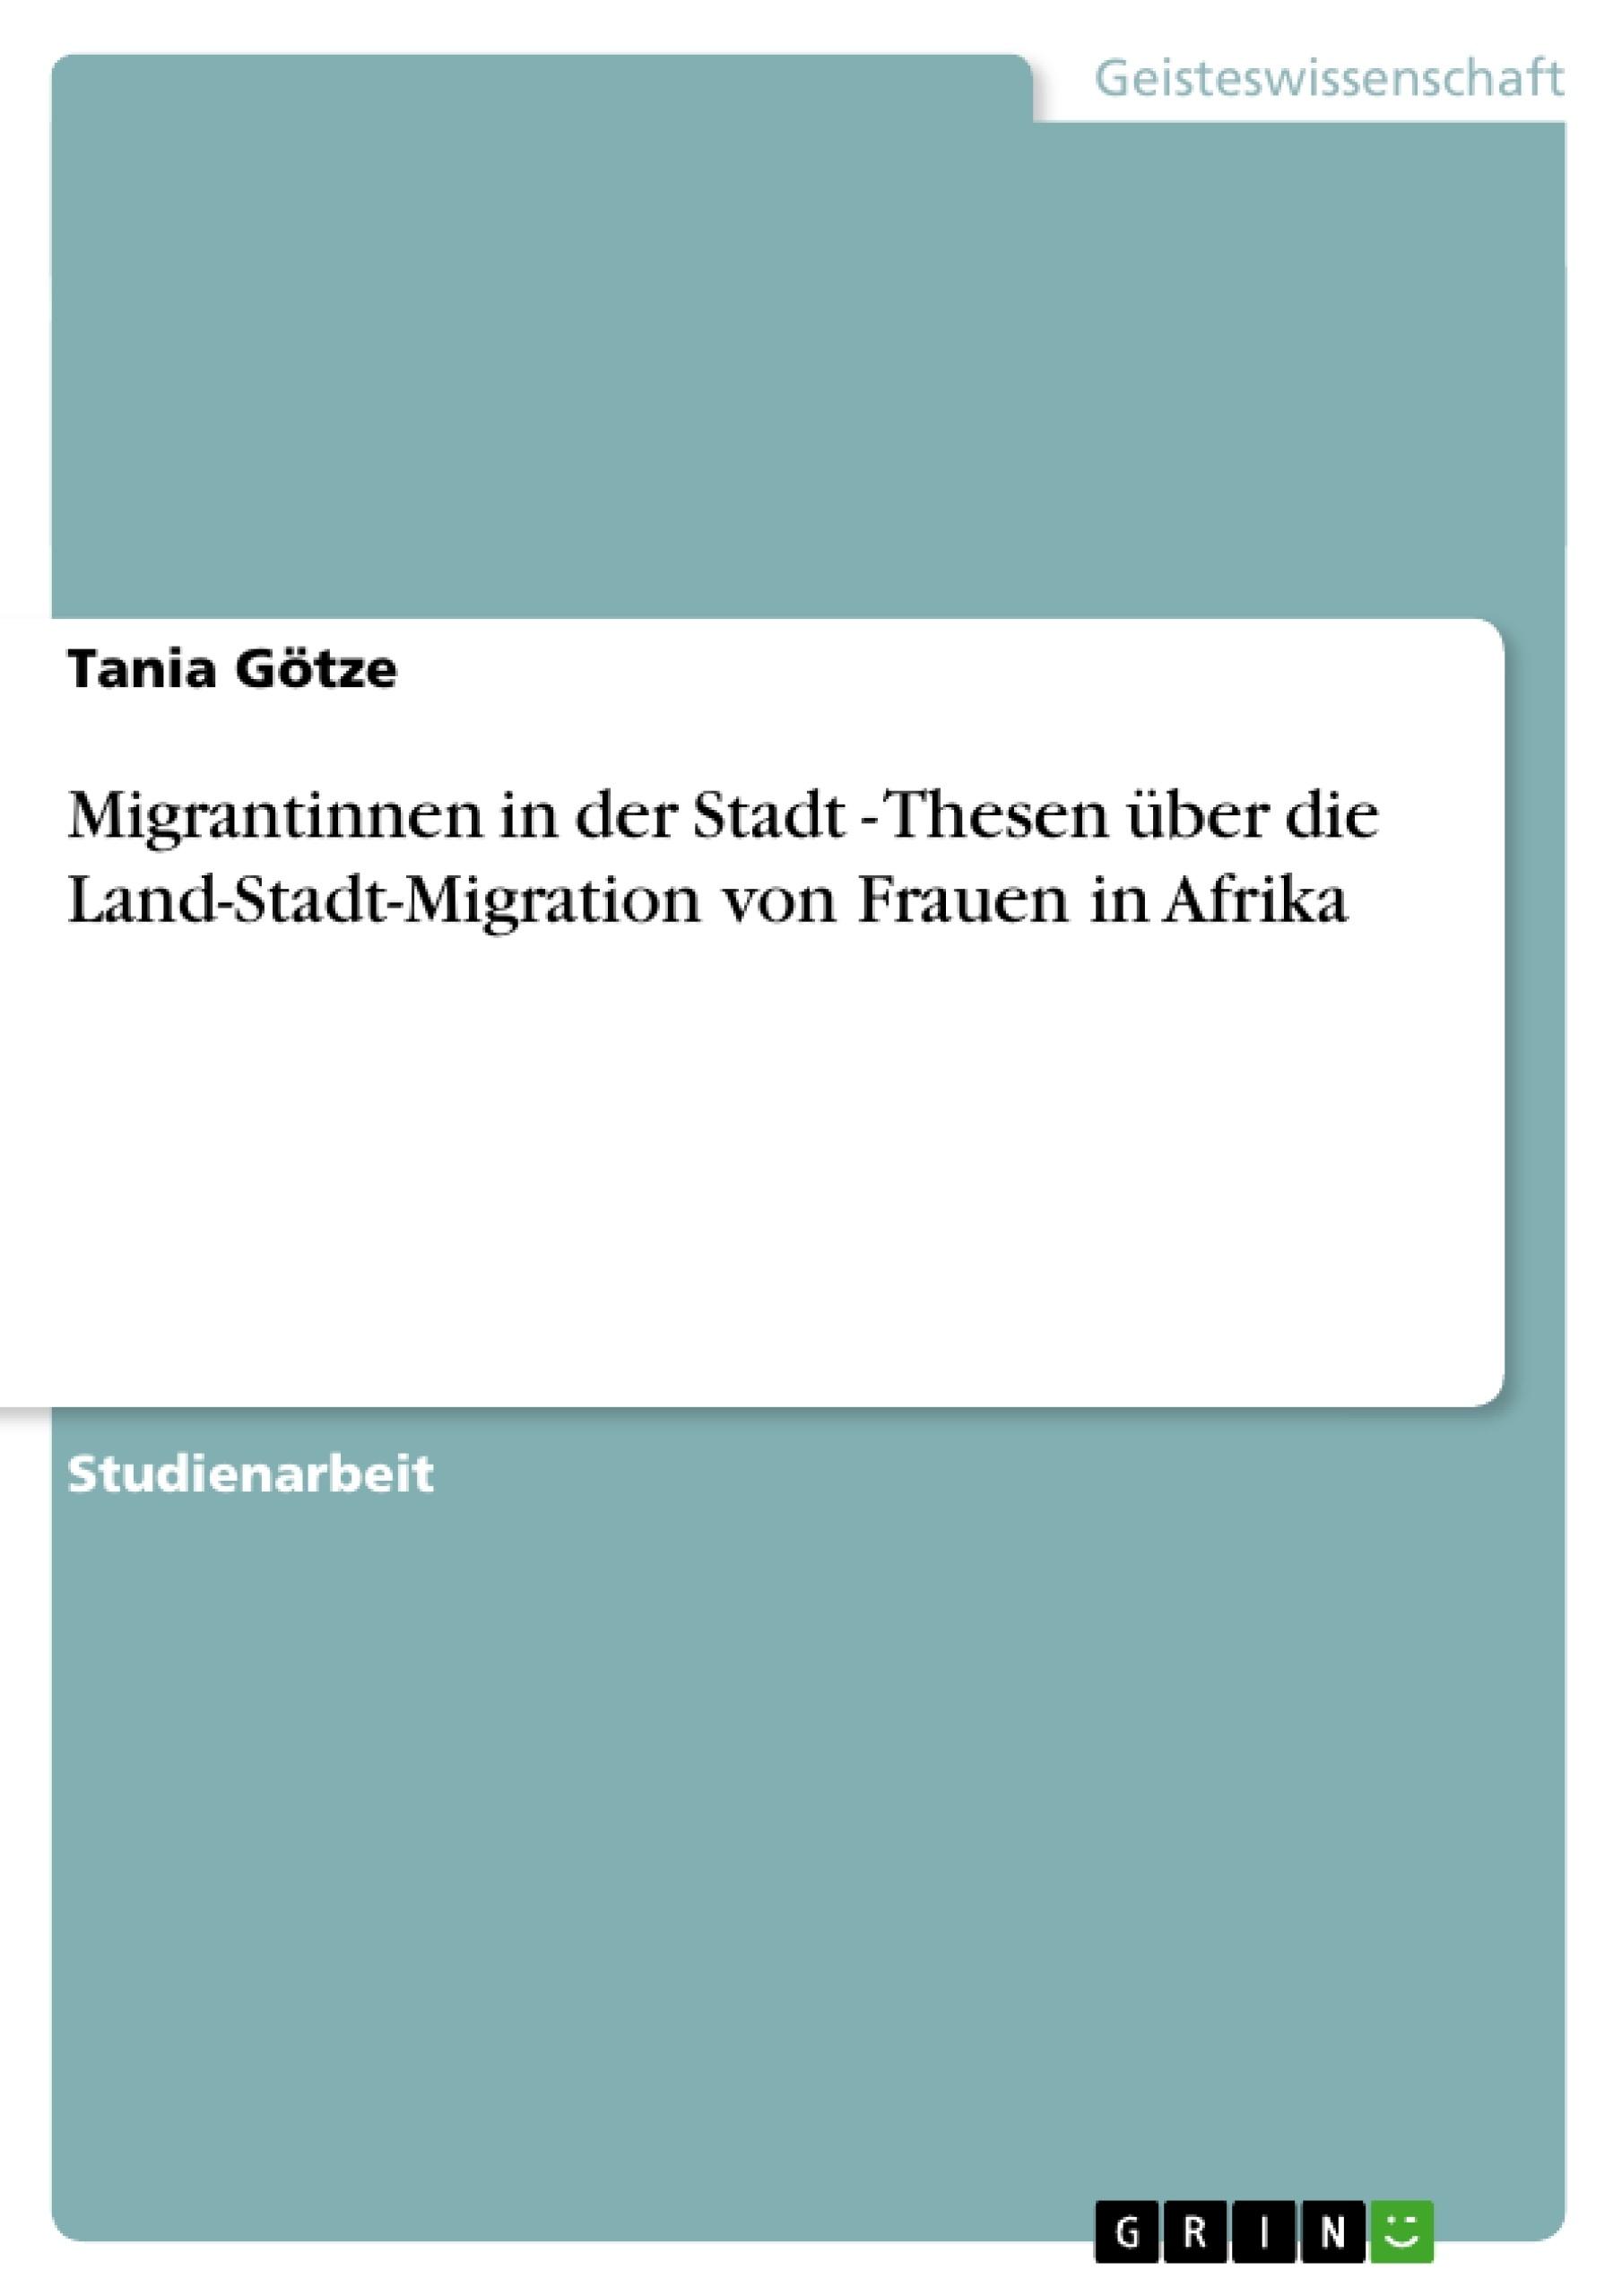 Titel: Migrantinnen in der Stadt   -  Thesen über die Land-Stadt-Migration von Frauen in Afrika